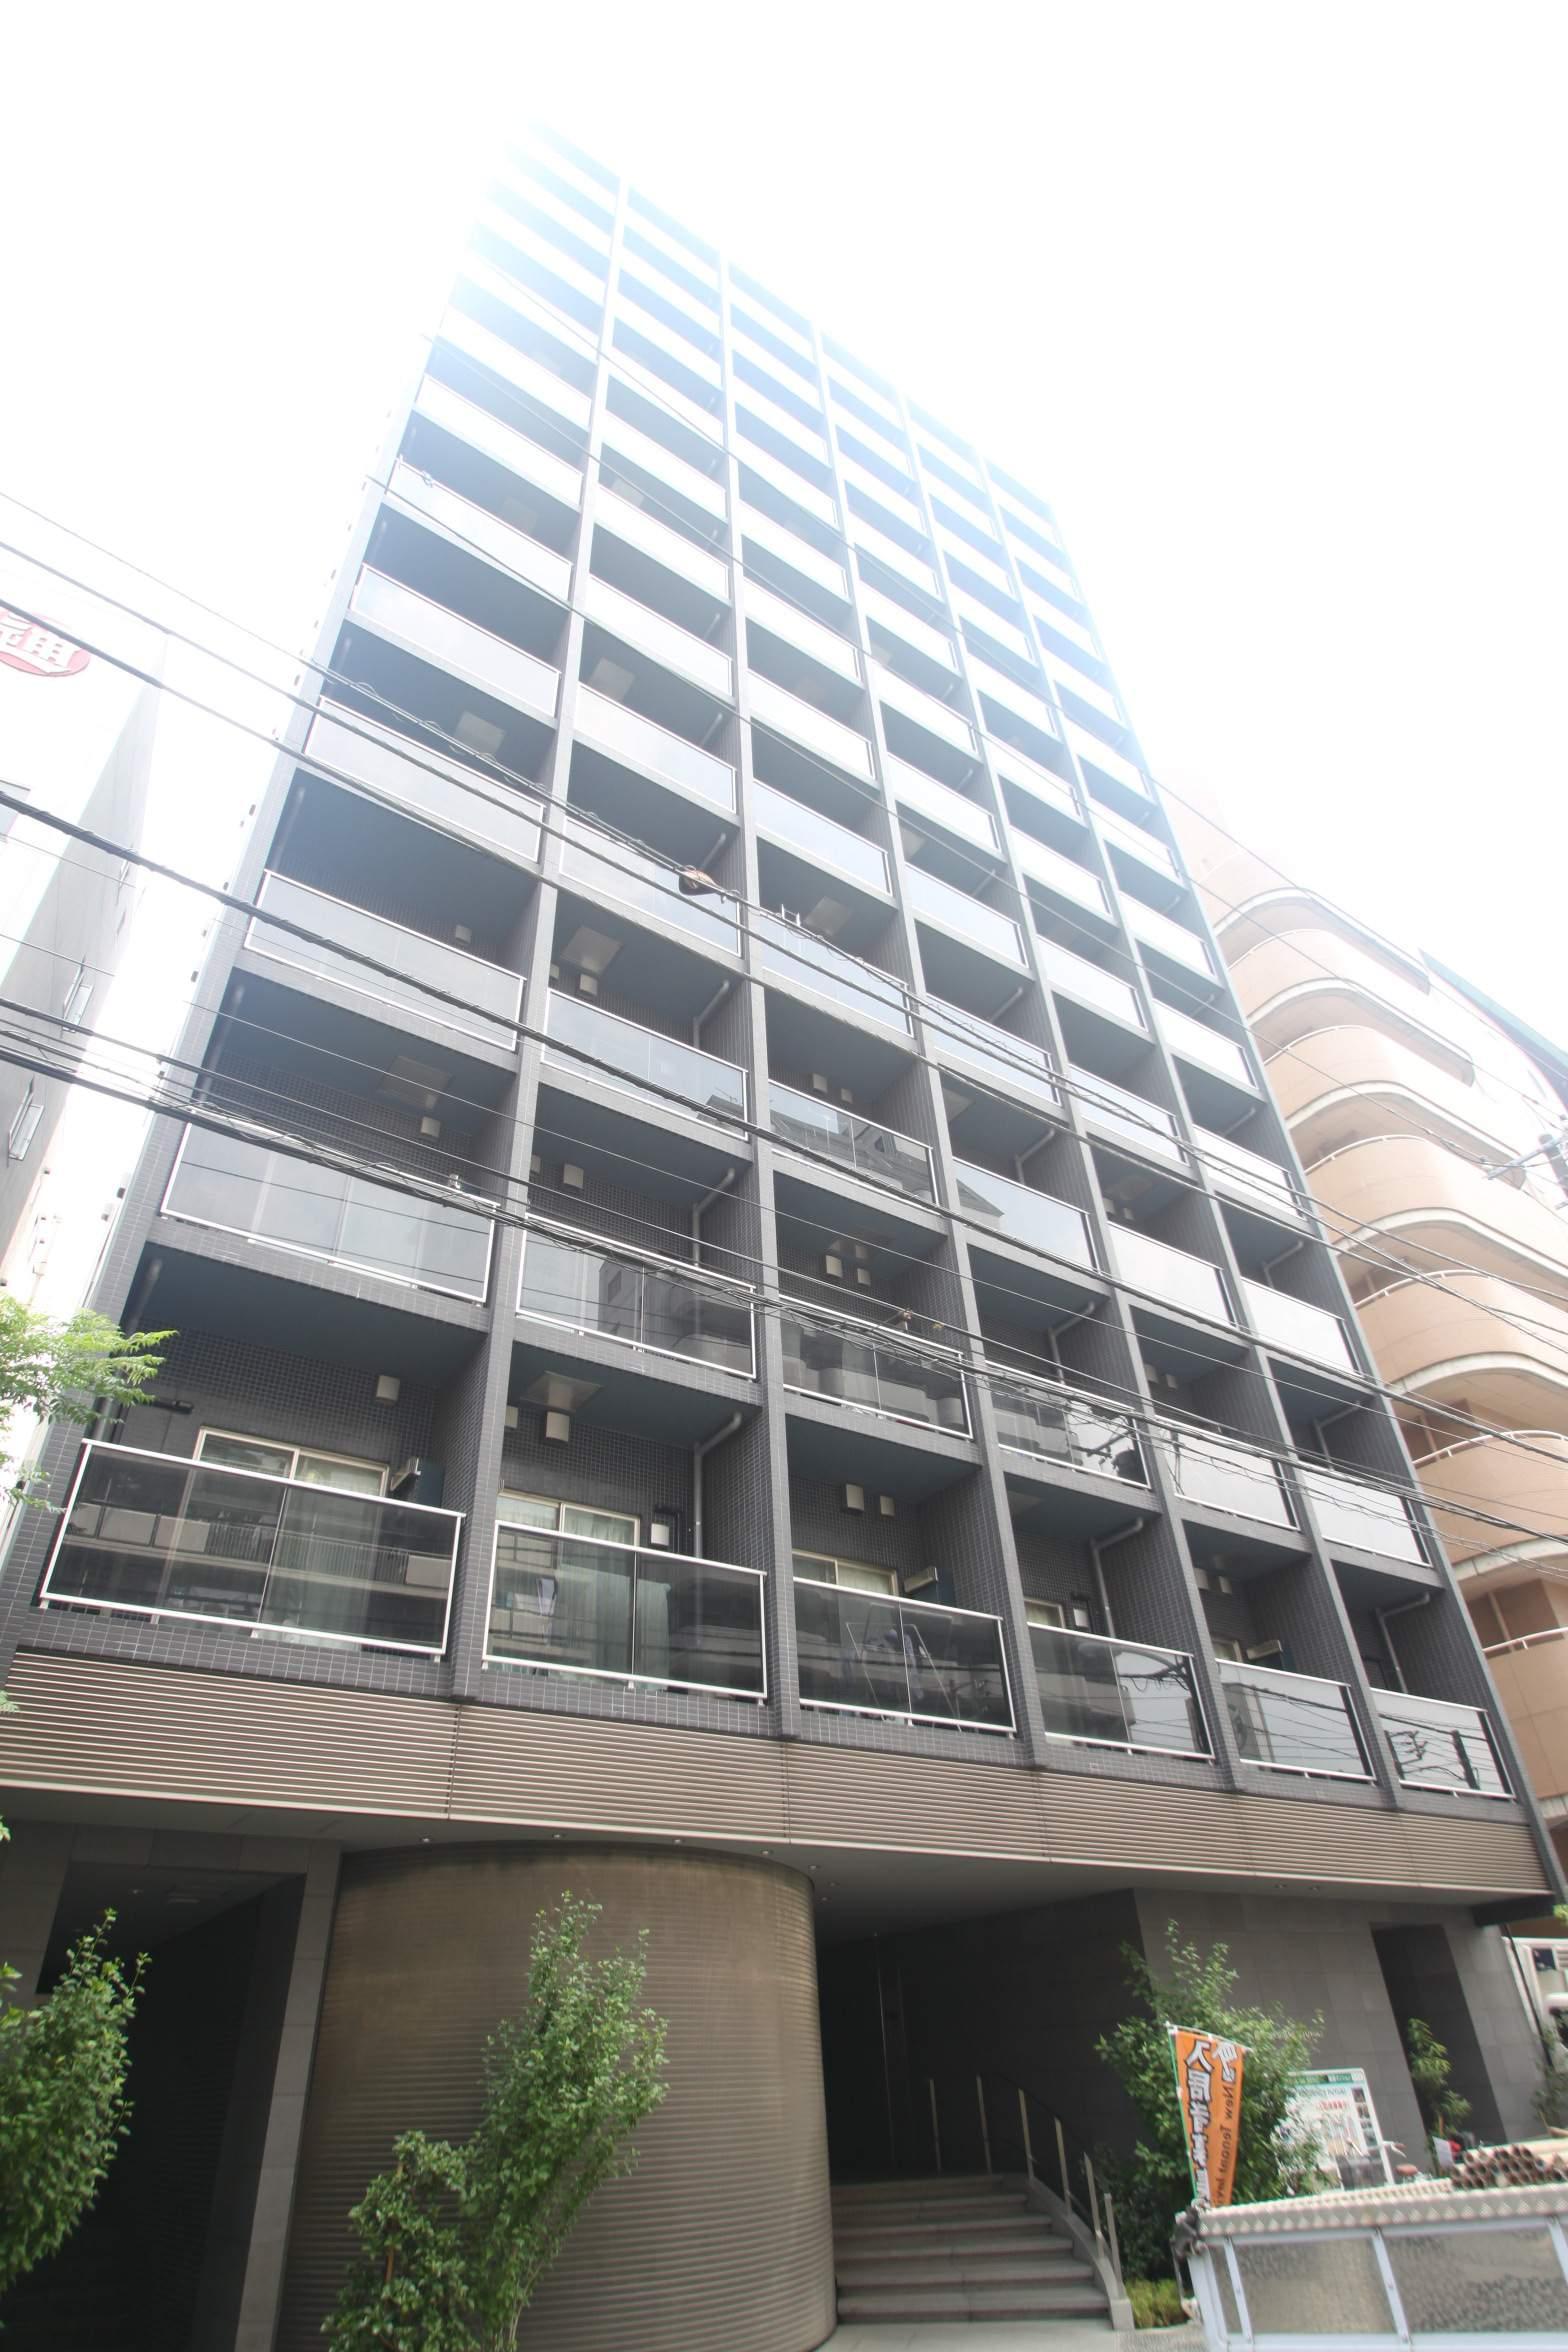 東京都江東区、門前仲町駅徒歩8分の築8年 13階建の賃貸マンション